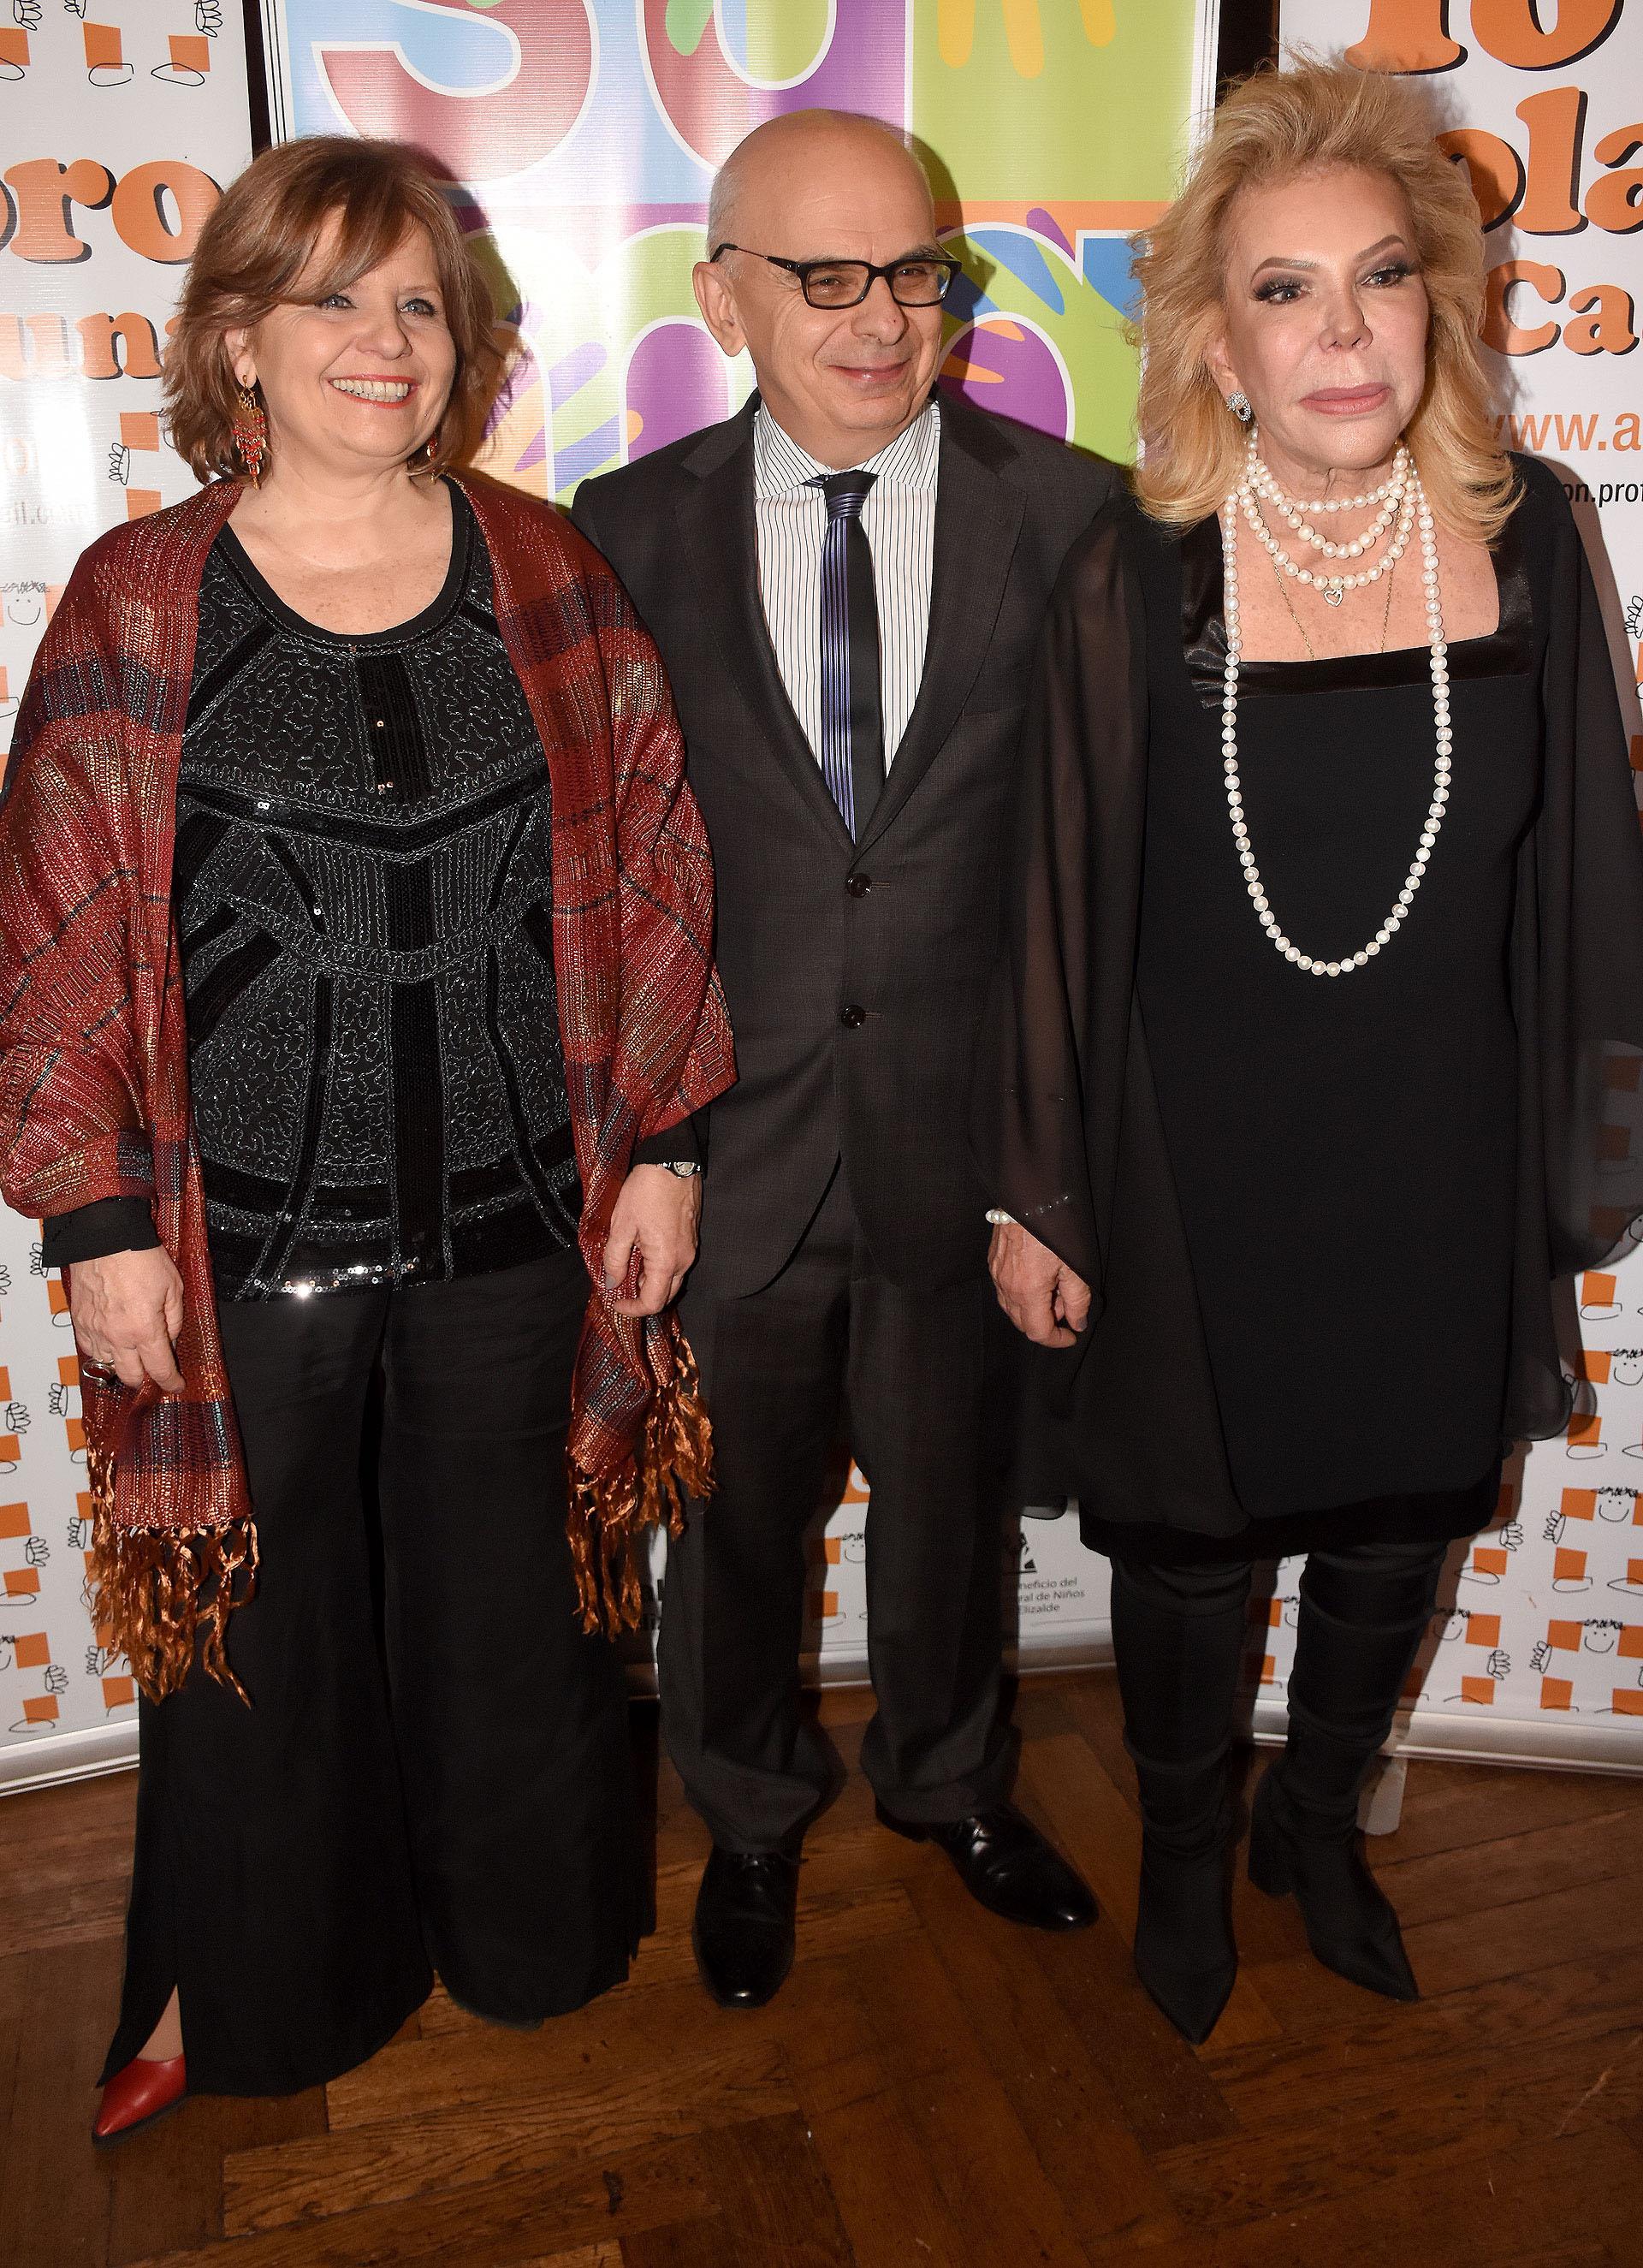 La ministra de Salud porteña, Ana María Bou Pérez y el director del Hospital de Niños Dr Pedro de Elizalde, Javier Indart de Arza, junto a la la madrina del Hospital, Marina Dodero